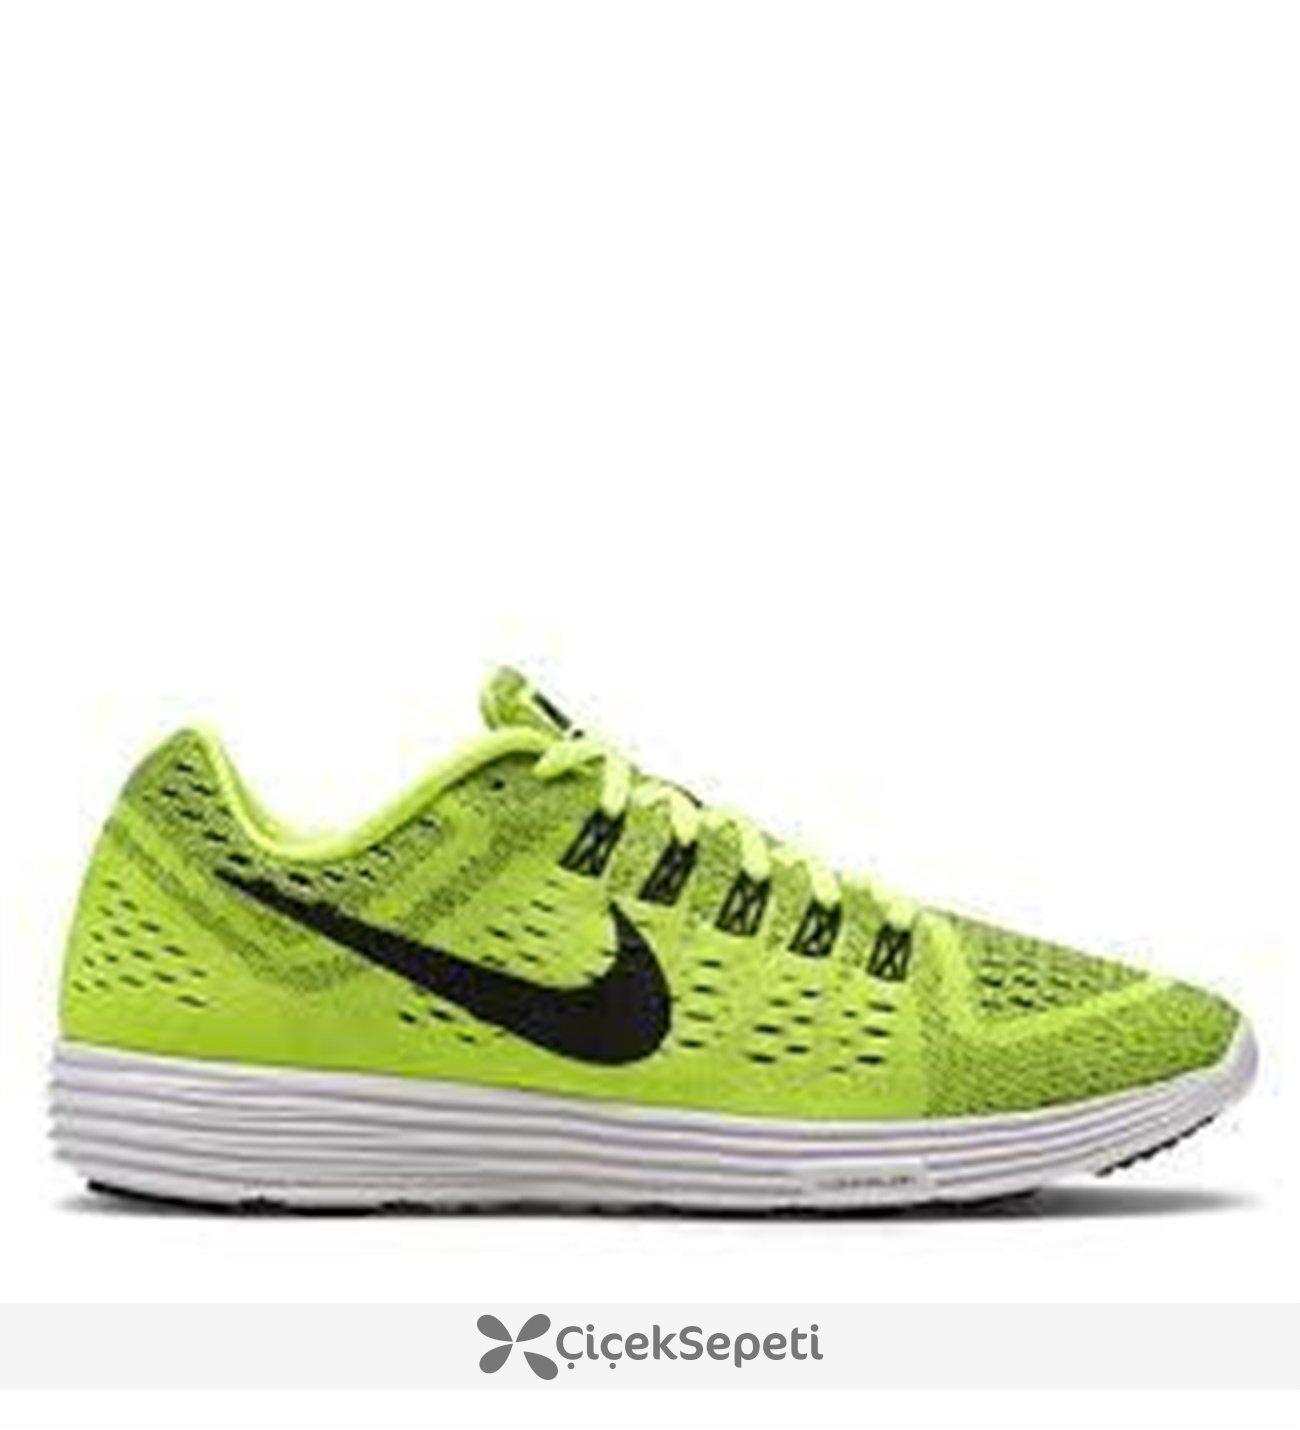 ... detailed images 30adb 2ba01 Nike Lunartempo Erkek Yürüyüş Ve Koşu  Ayakkabısı 705461 700 ... 34d9c2a5aba6